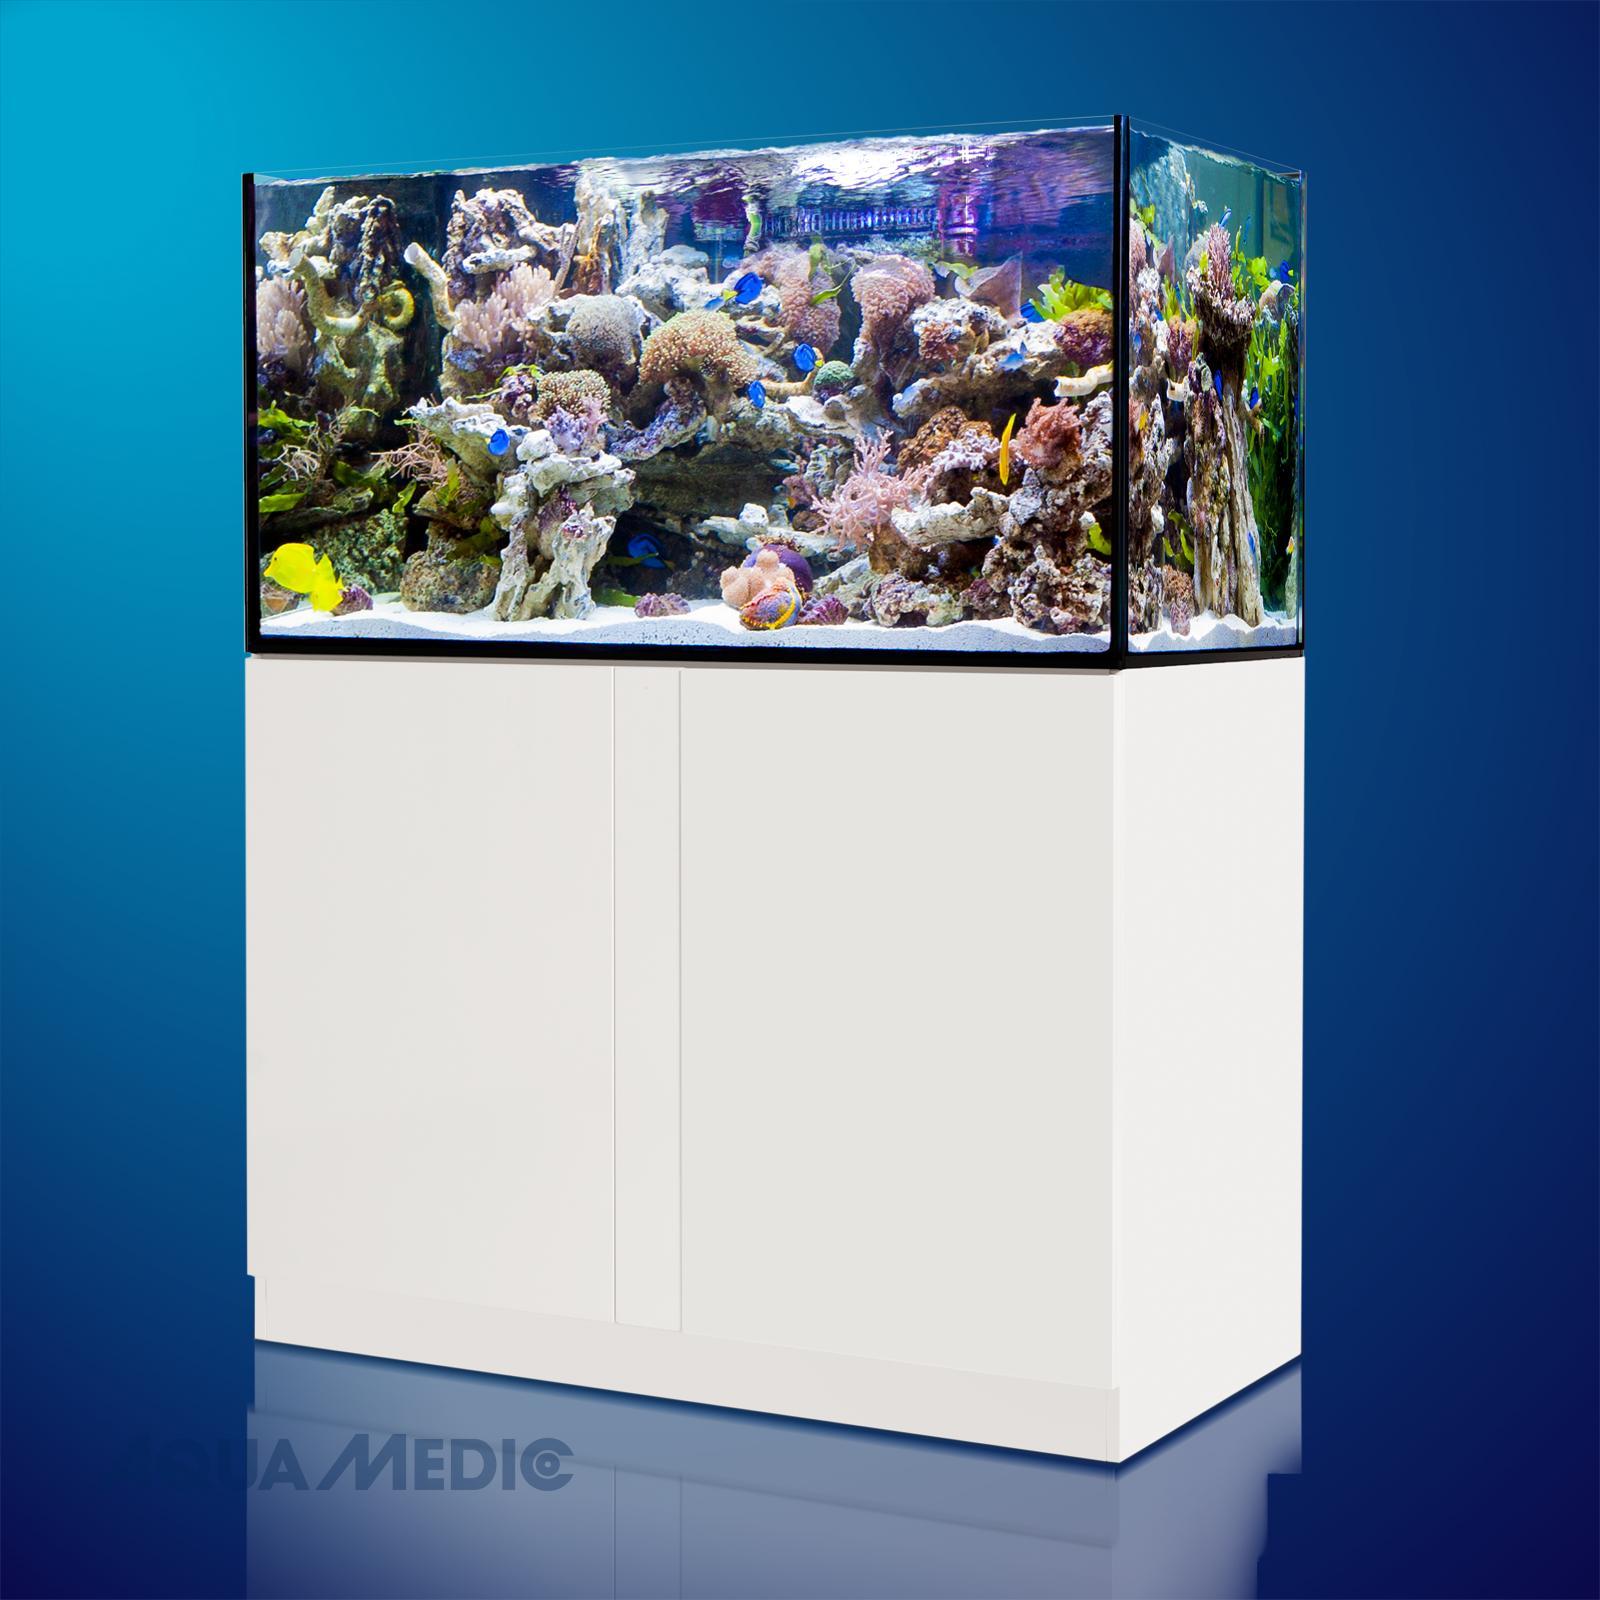 Aquamedic Xenia 130 T+C White 425l